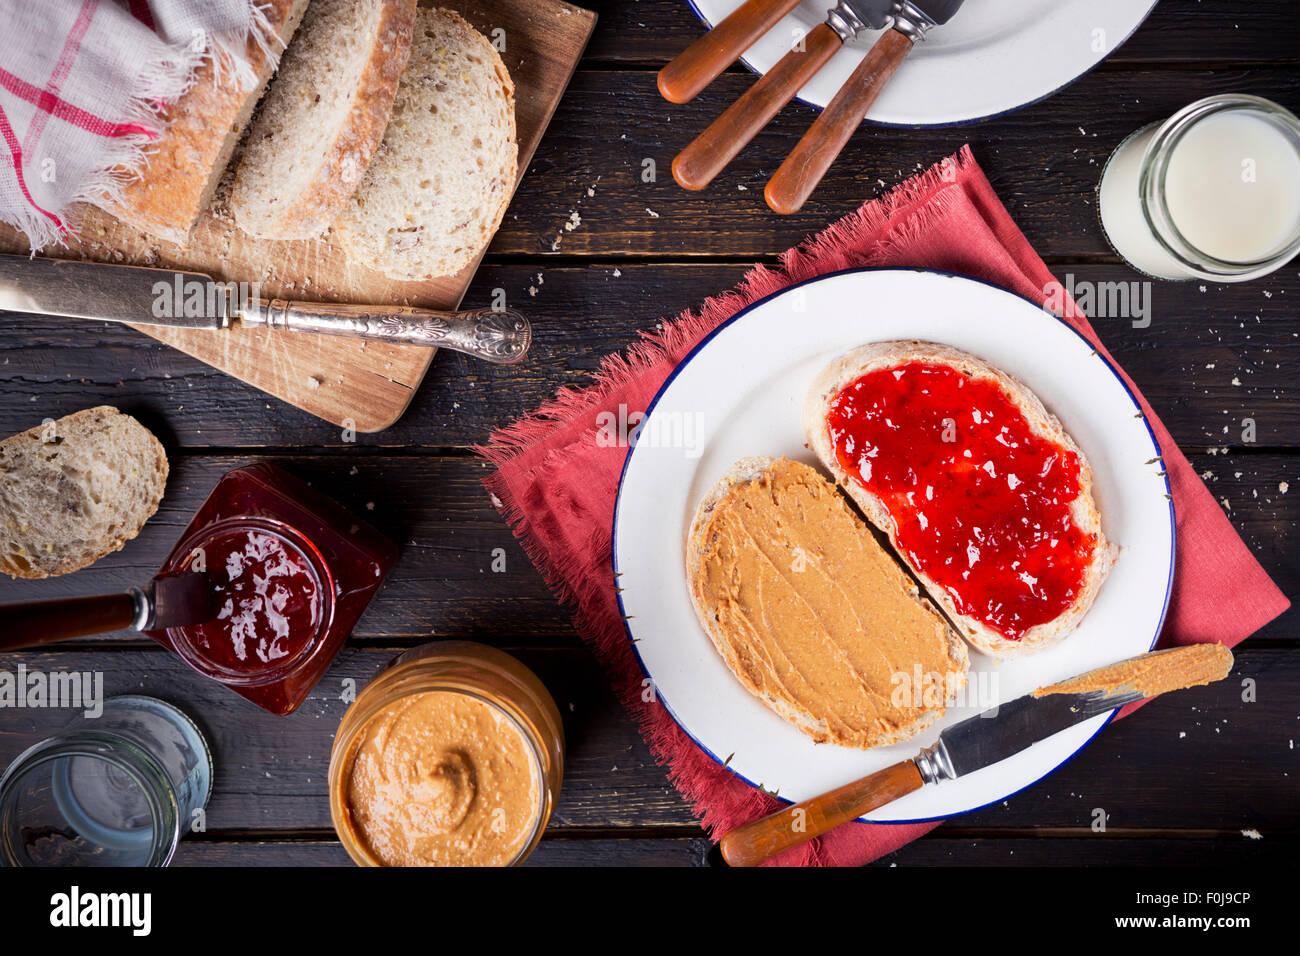 Sándwich de mantequilla de maní y mermelada en una mesa de estilo rústico. Fotografiado desde directamente Imagen De Stock